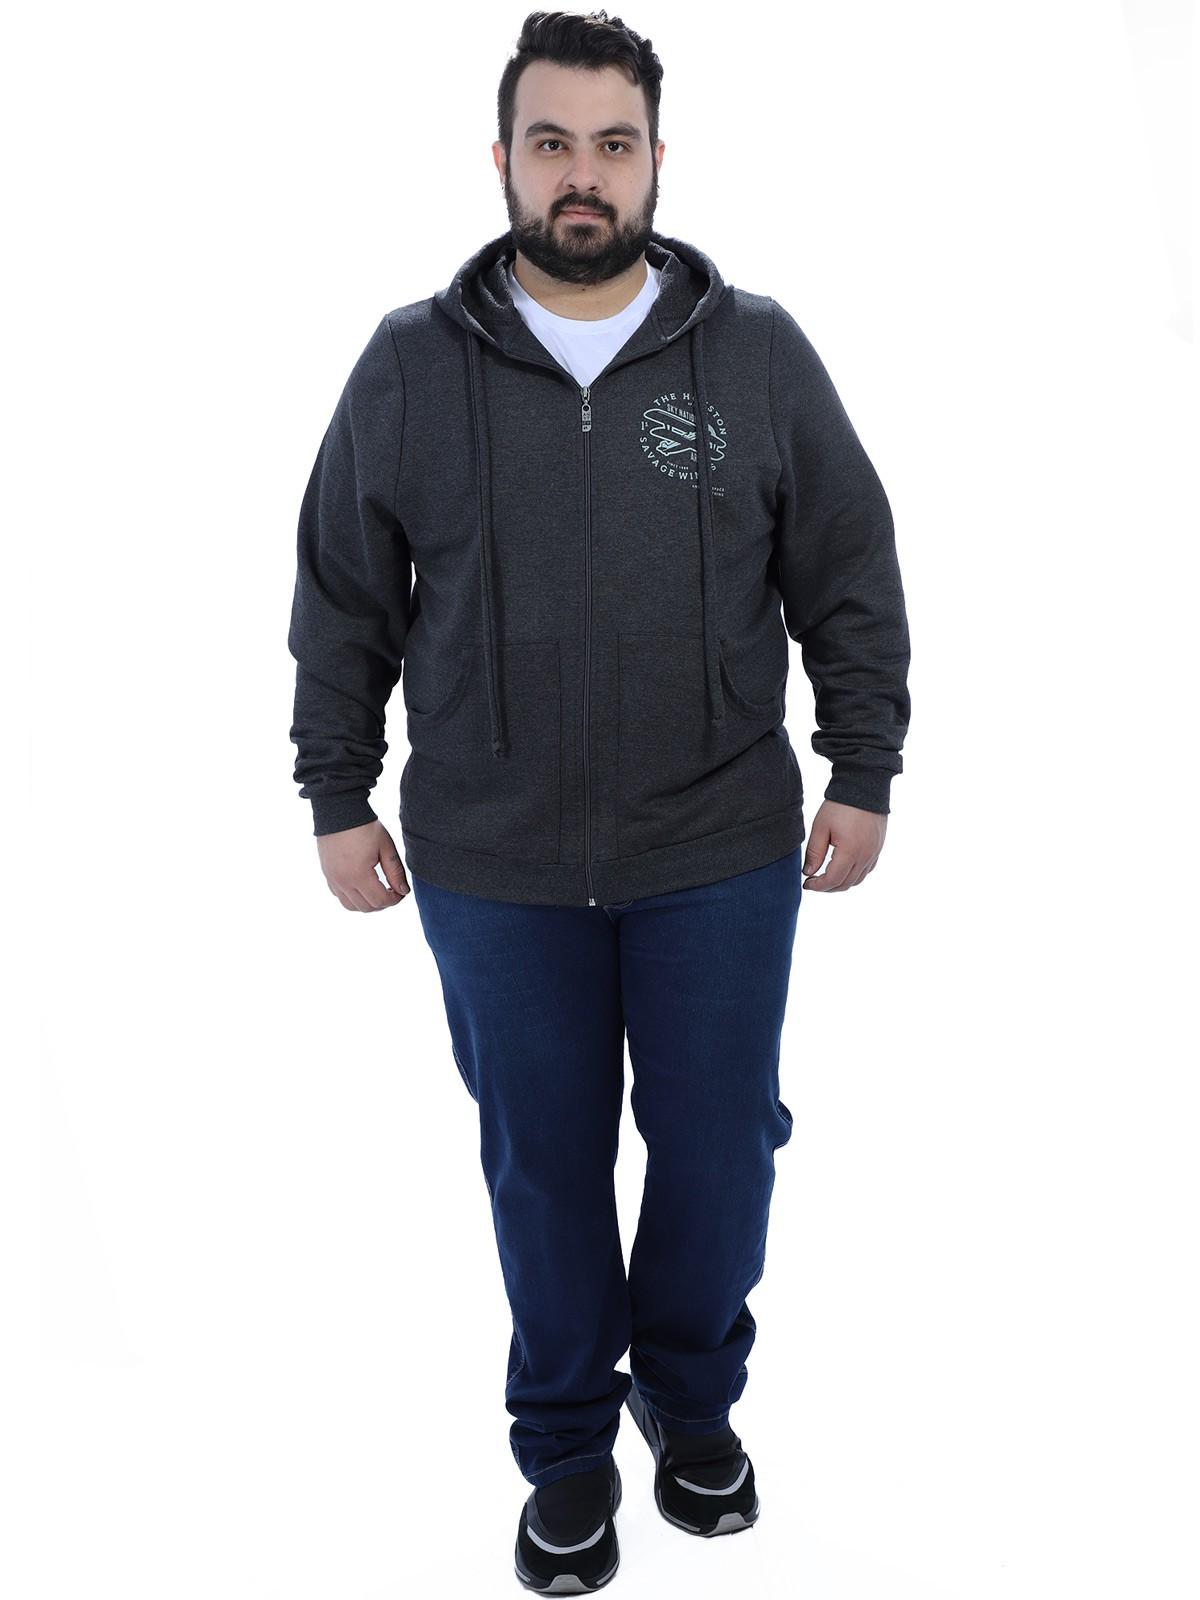 Jaqueta Plus Size Masculino de Moletom Bolso Cangurú Anistia Preto